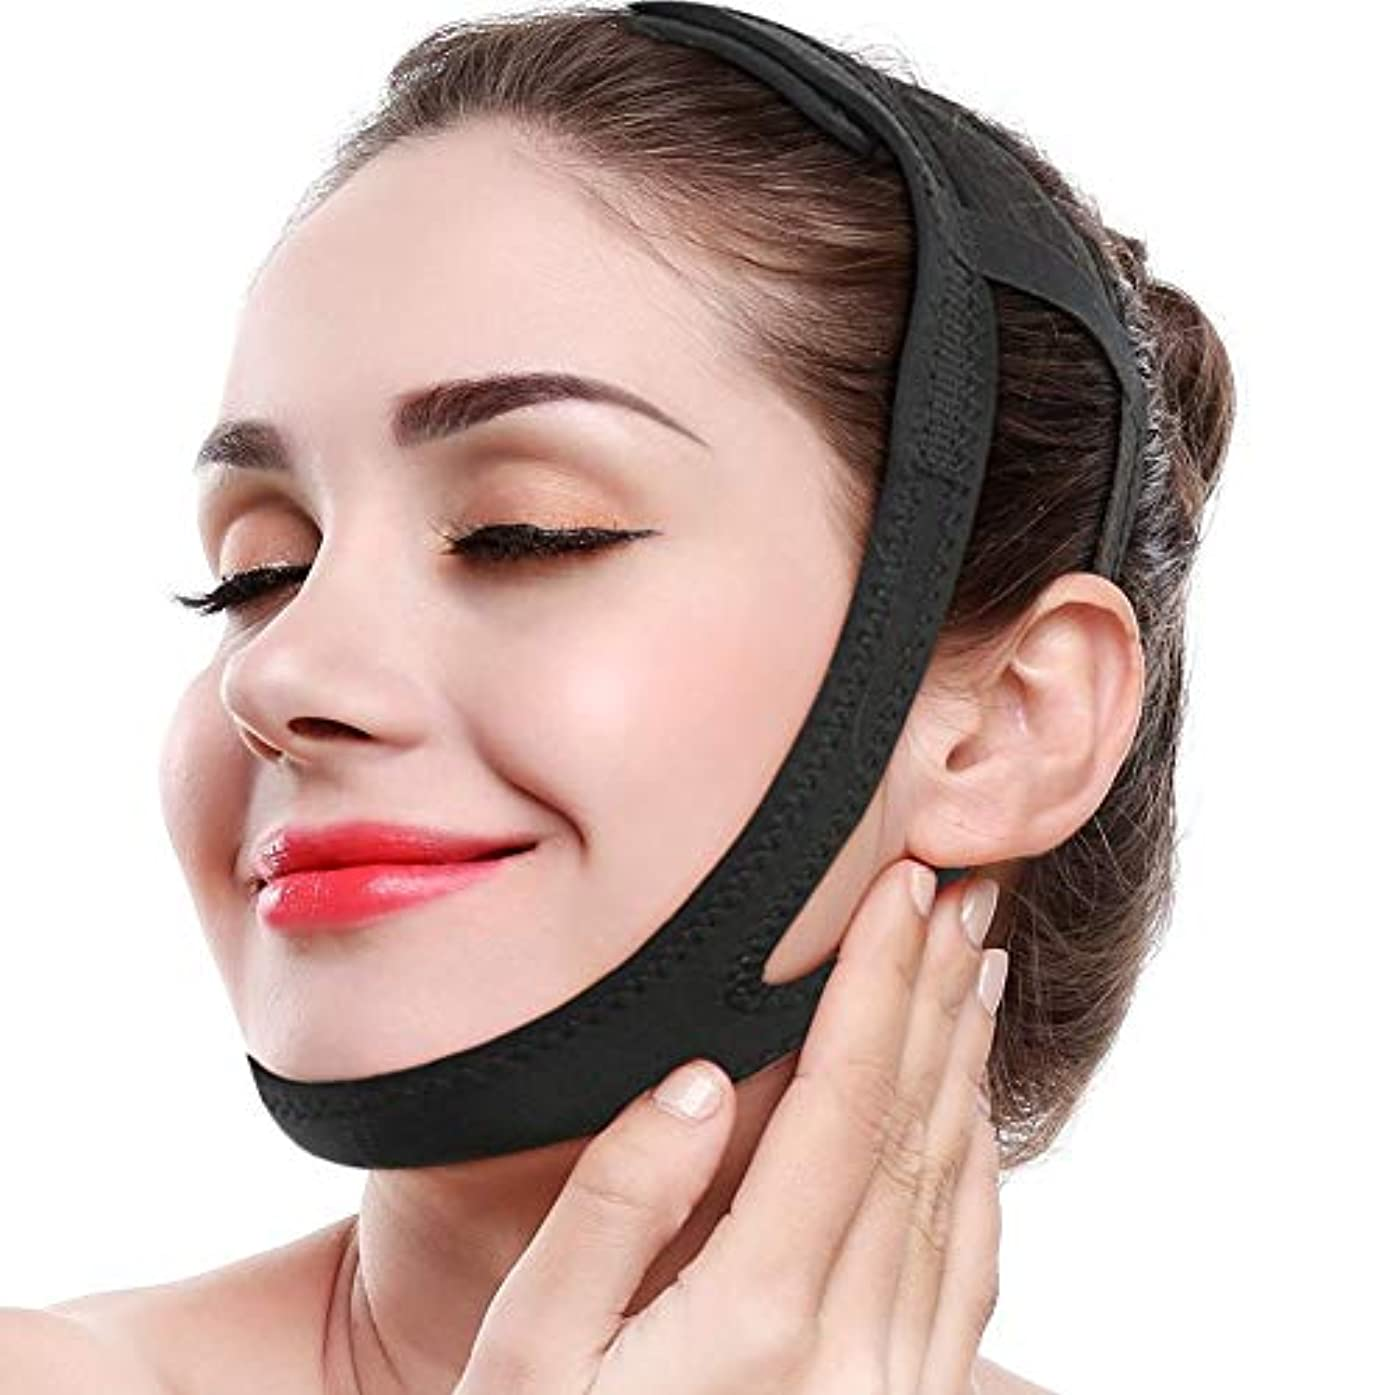 承認レキシコン化石顔の細くの薄い表面マスク、持ち上がる表面ベルトは顔の包帯のための二重あごの引き締まった肌の抵抗の形のVライン減量を減らします